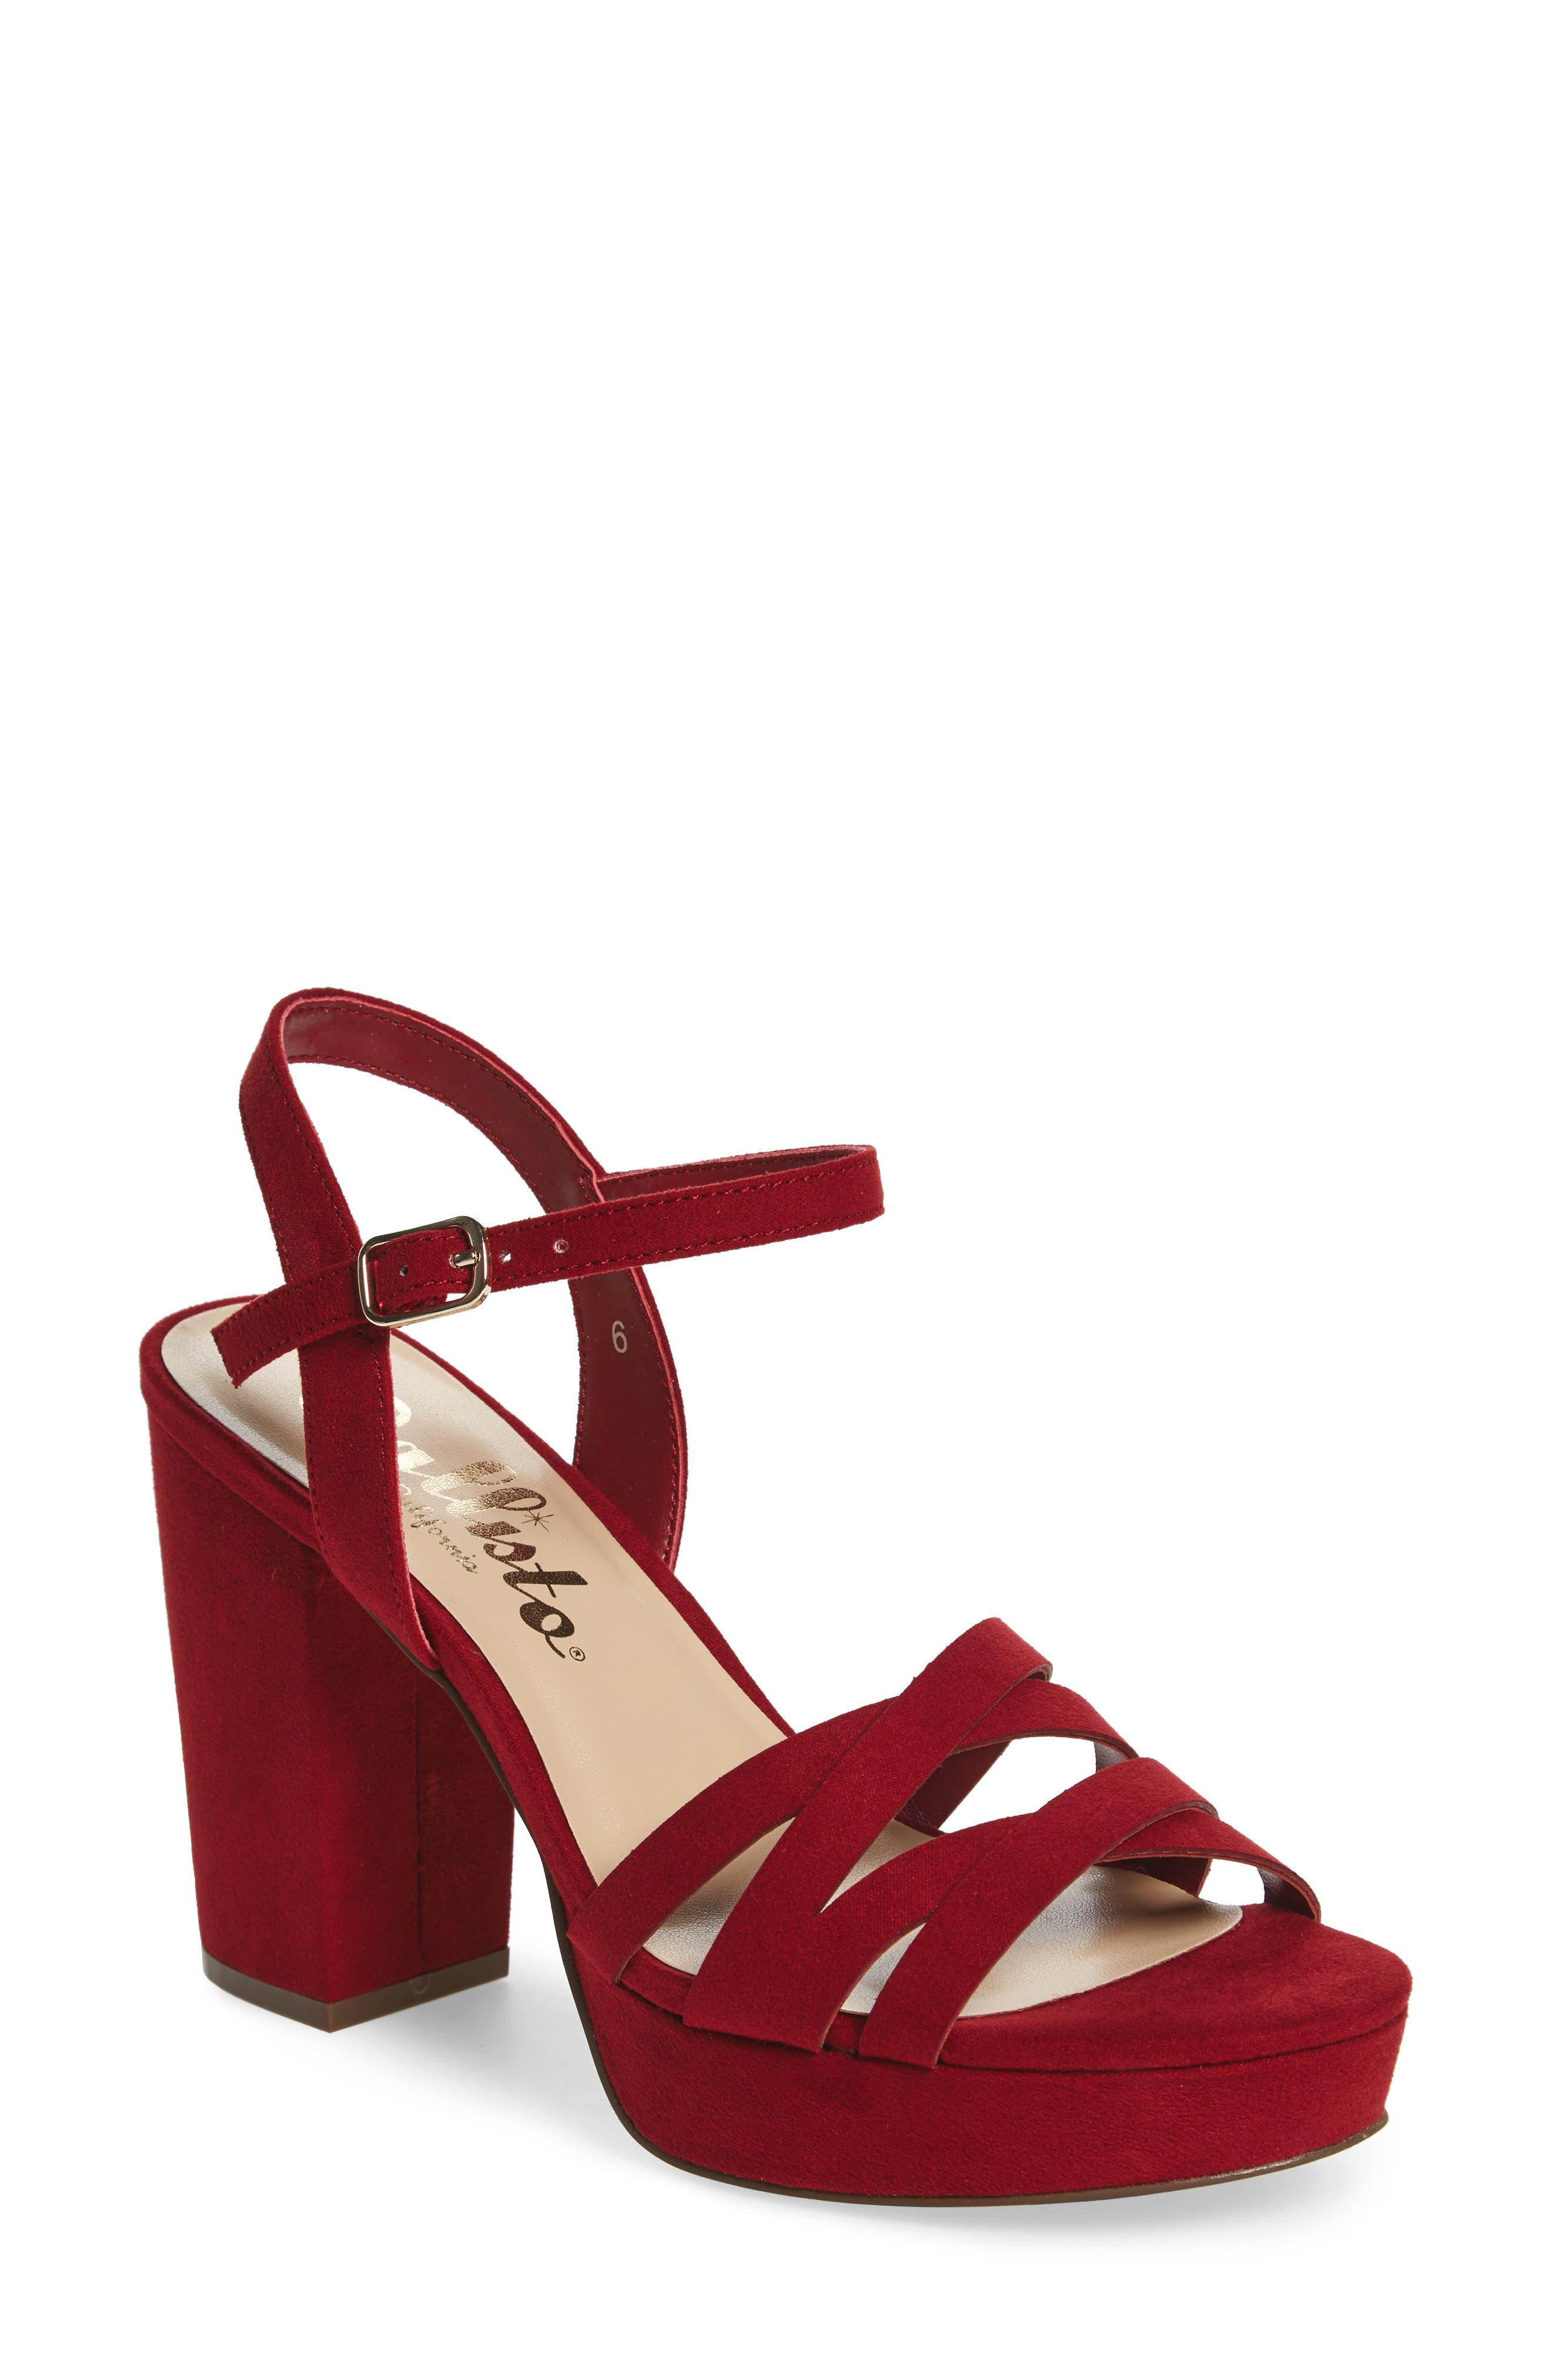 Paxx Platform Sandal,                             Main thumbnail 1, color,                             RED FAUX SUEDE